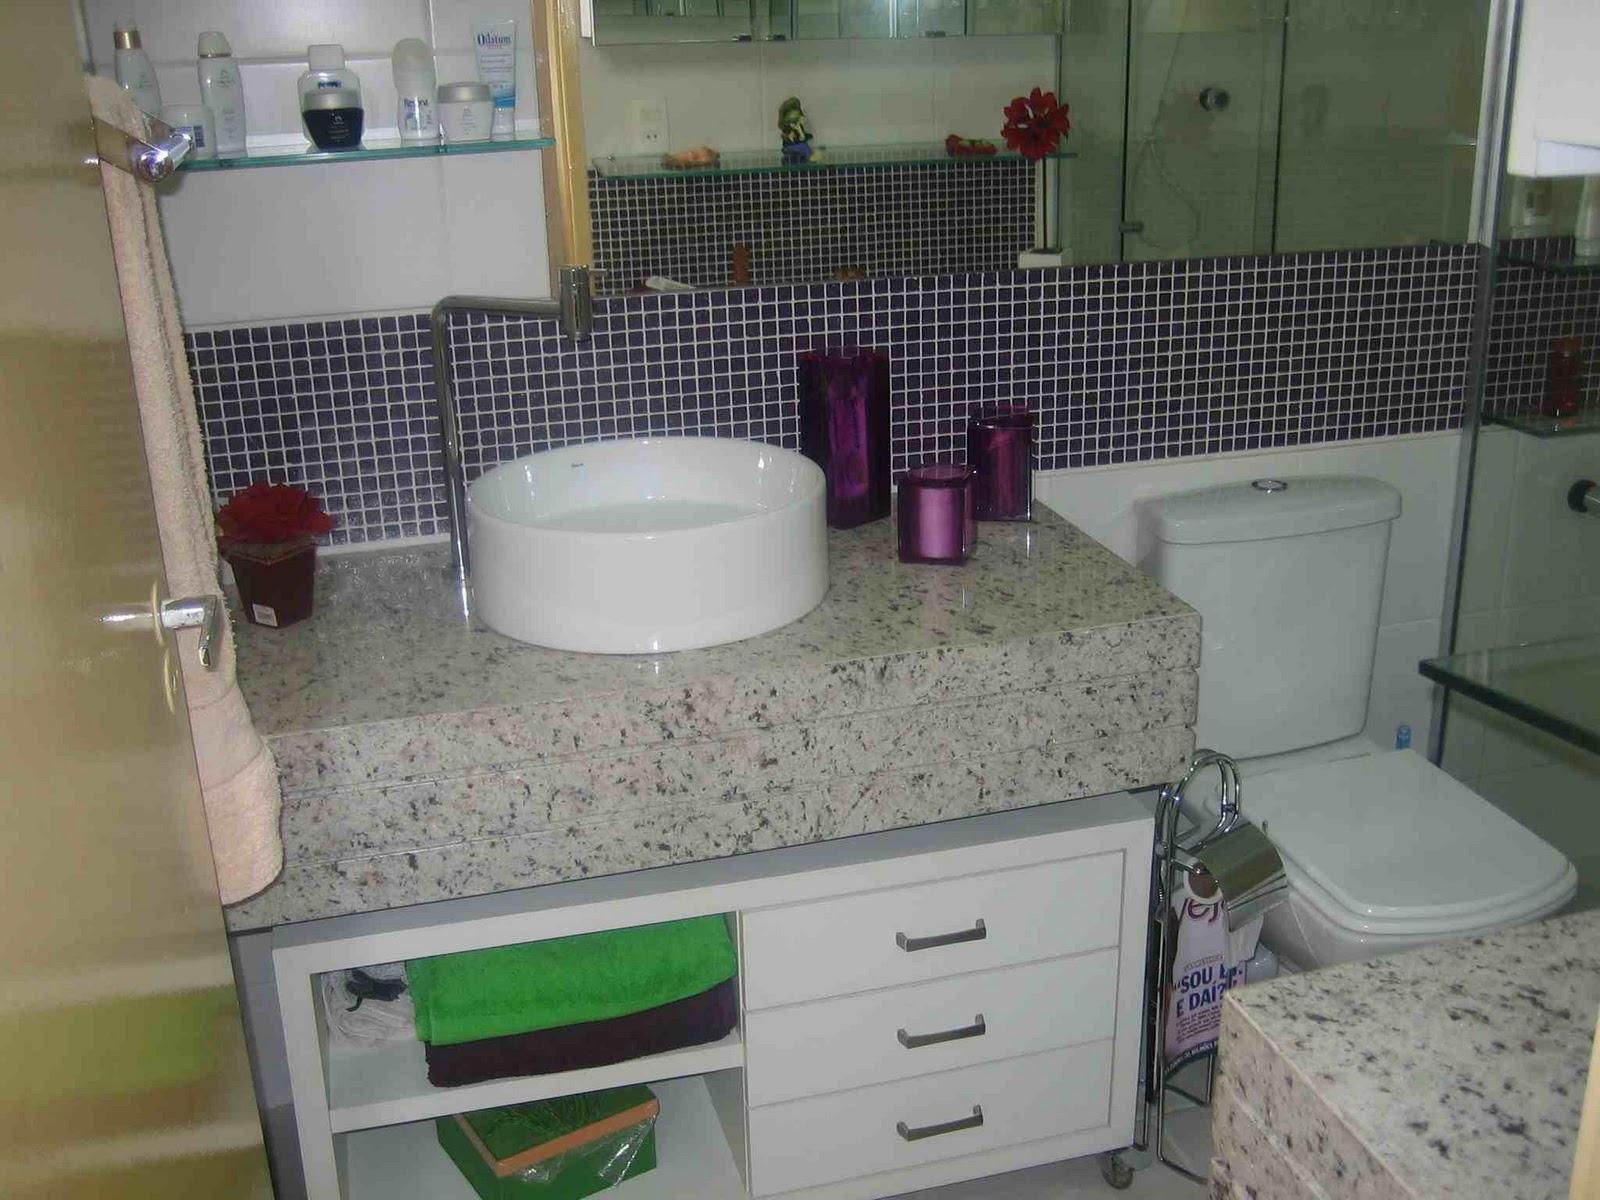 Idéias Arquitetura Reforma e Construção: Projeto Residencial e  #6F6948 1600x1200 Banheiro Arquitetura E Construção